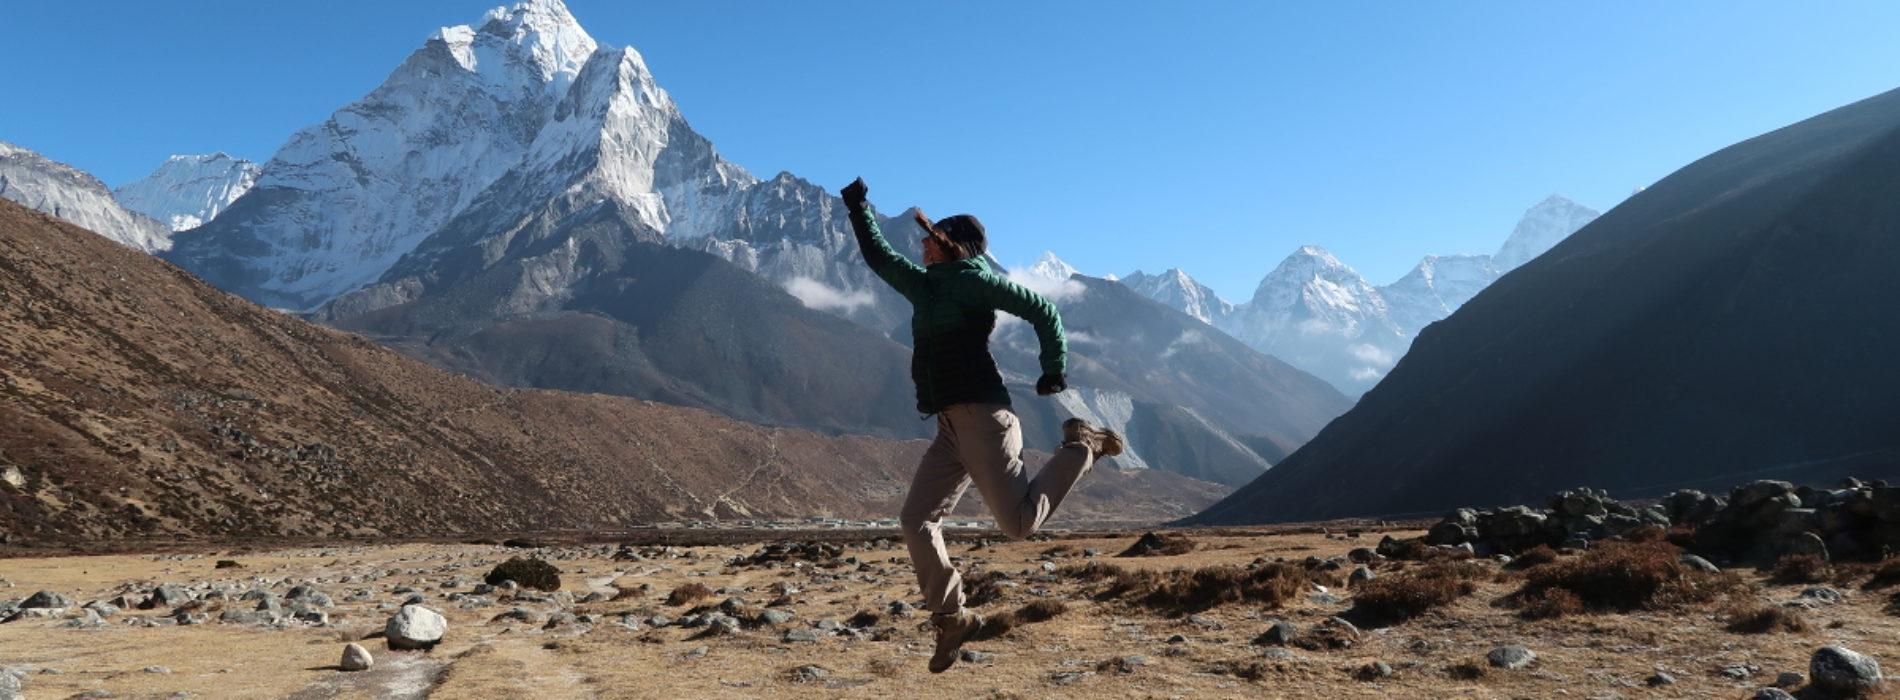 Katmandou à l'Everest : 21 jours de trek par l'ancienne route